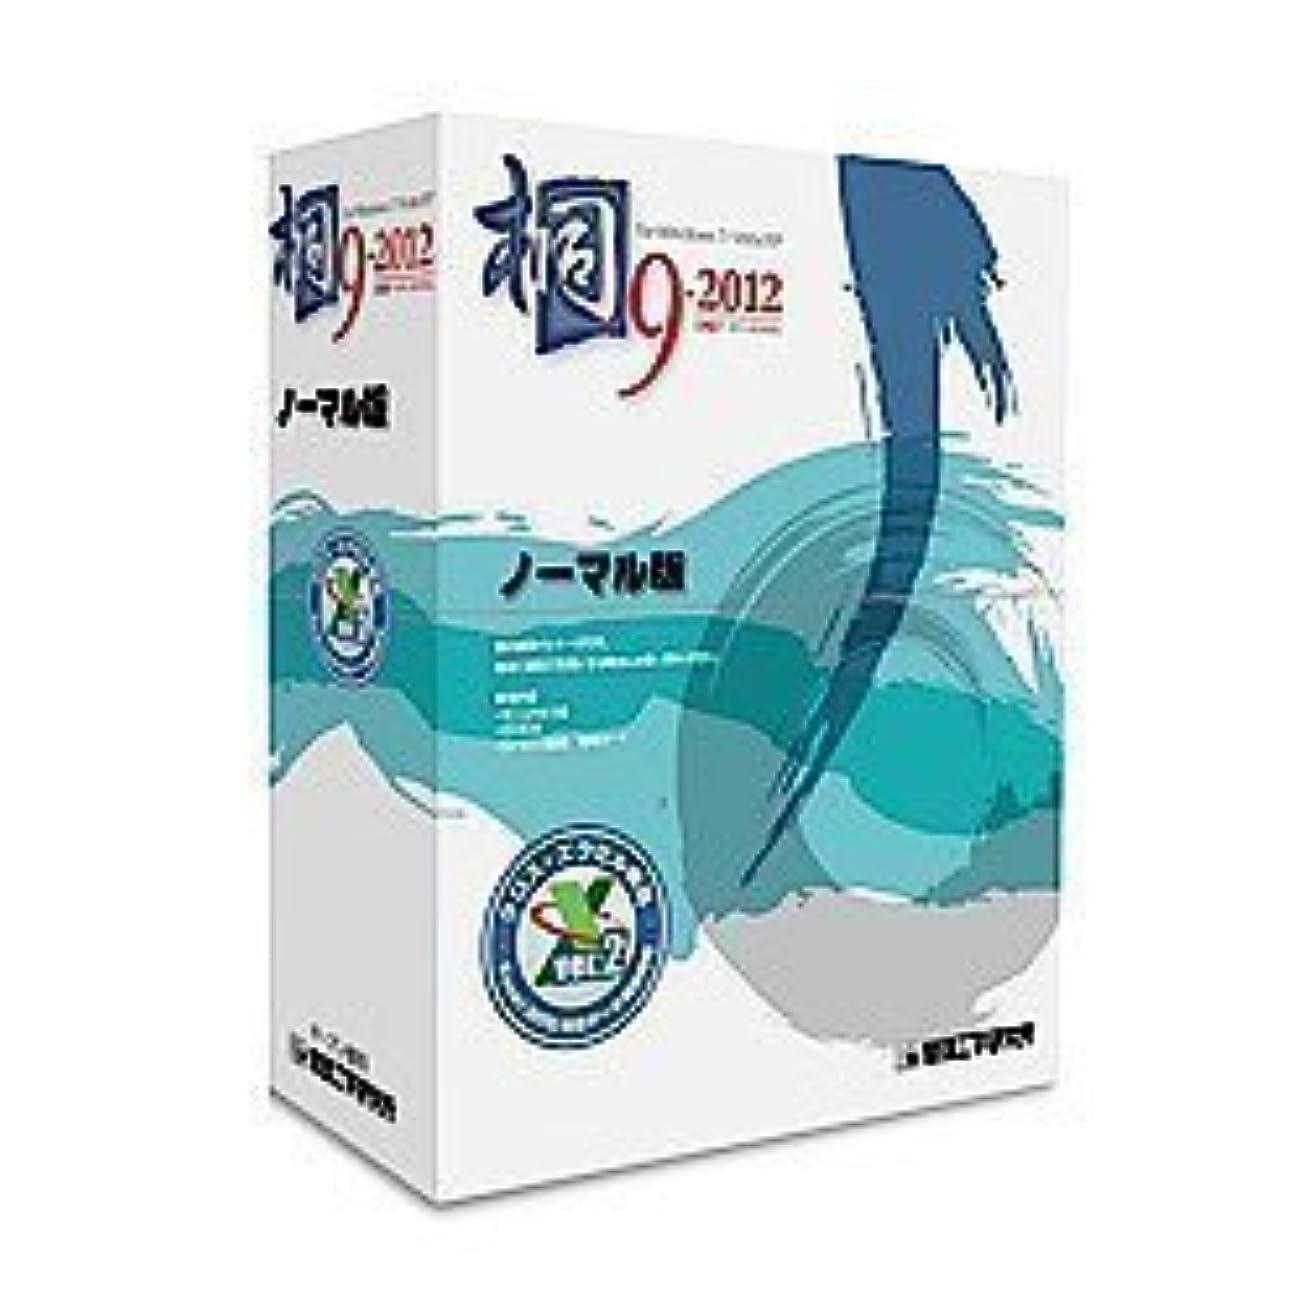 テレビ局サイドボードに桐9-2012 ノーマル版(発売記念版)